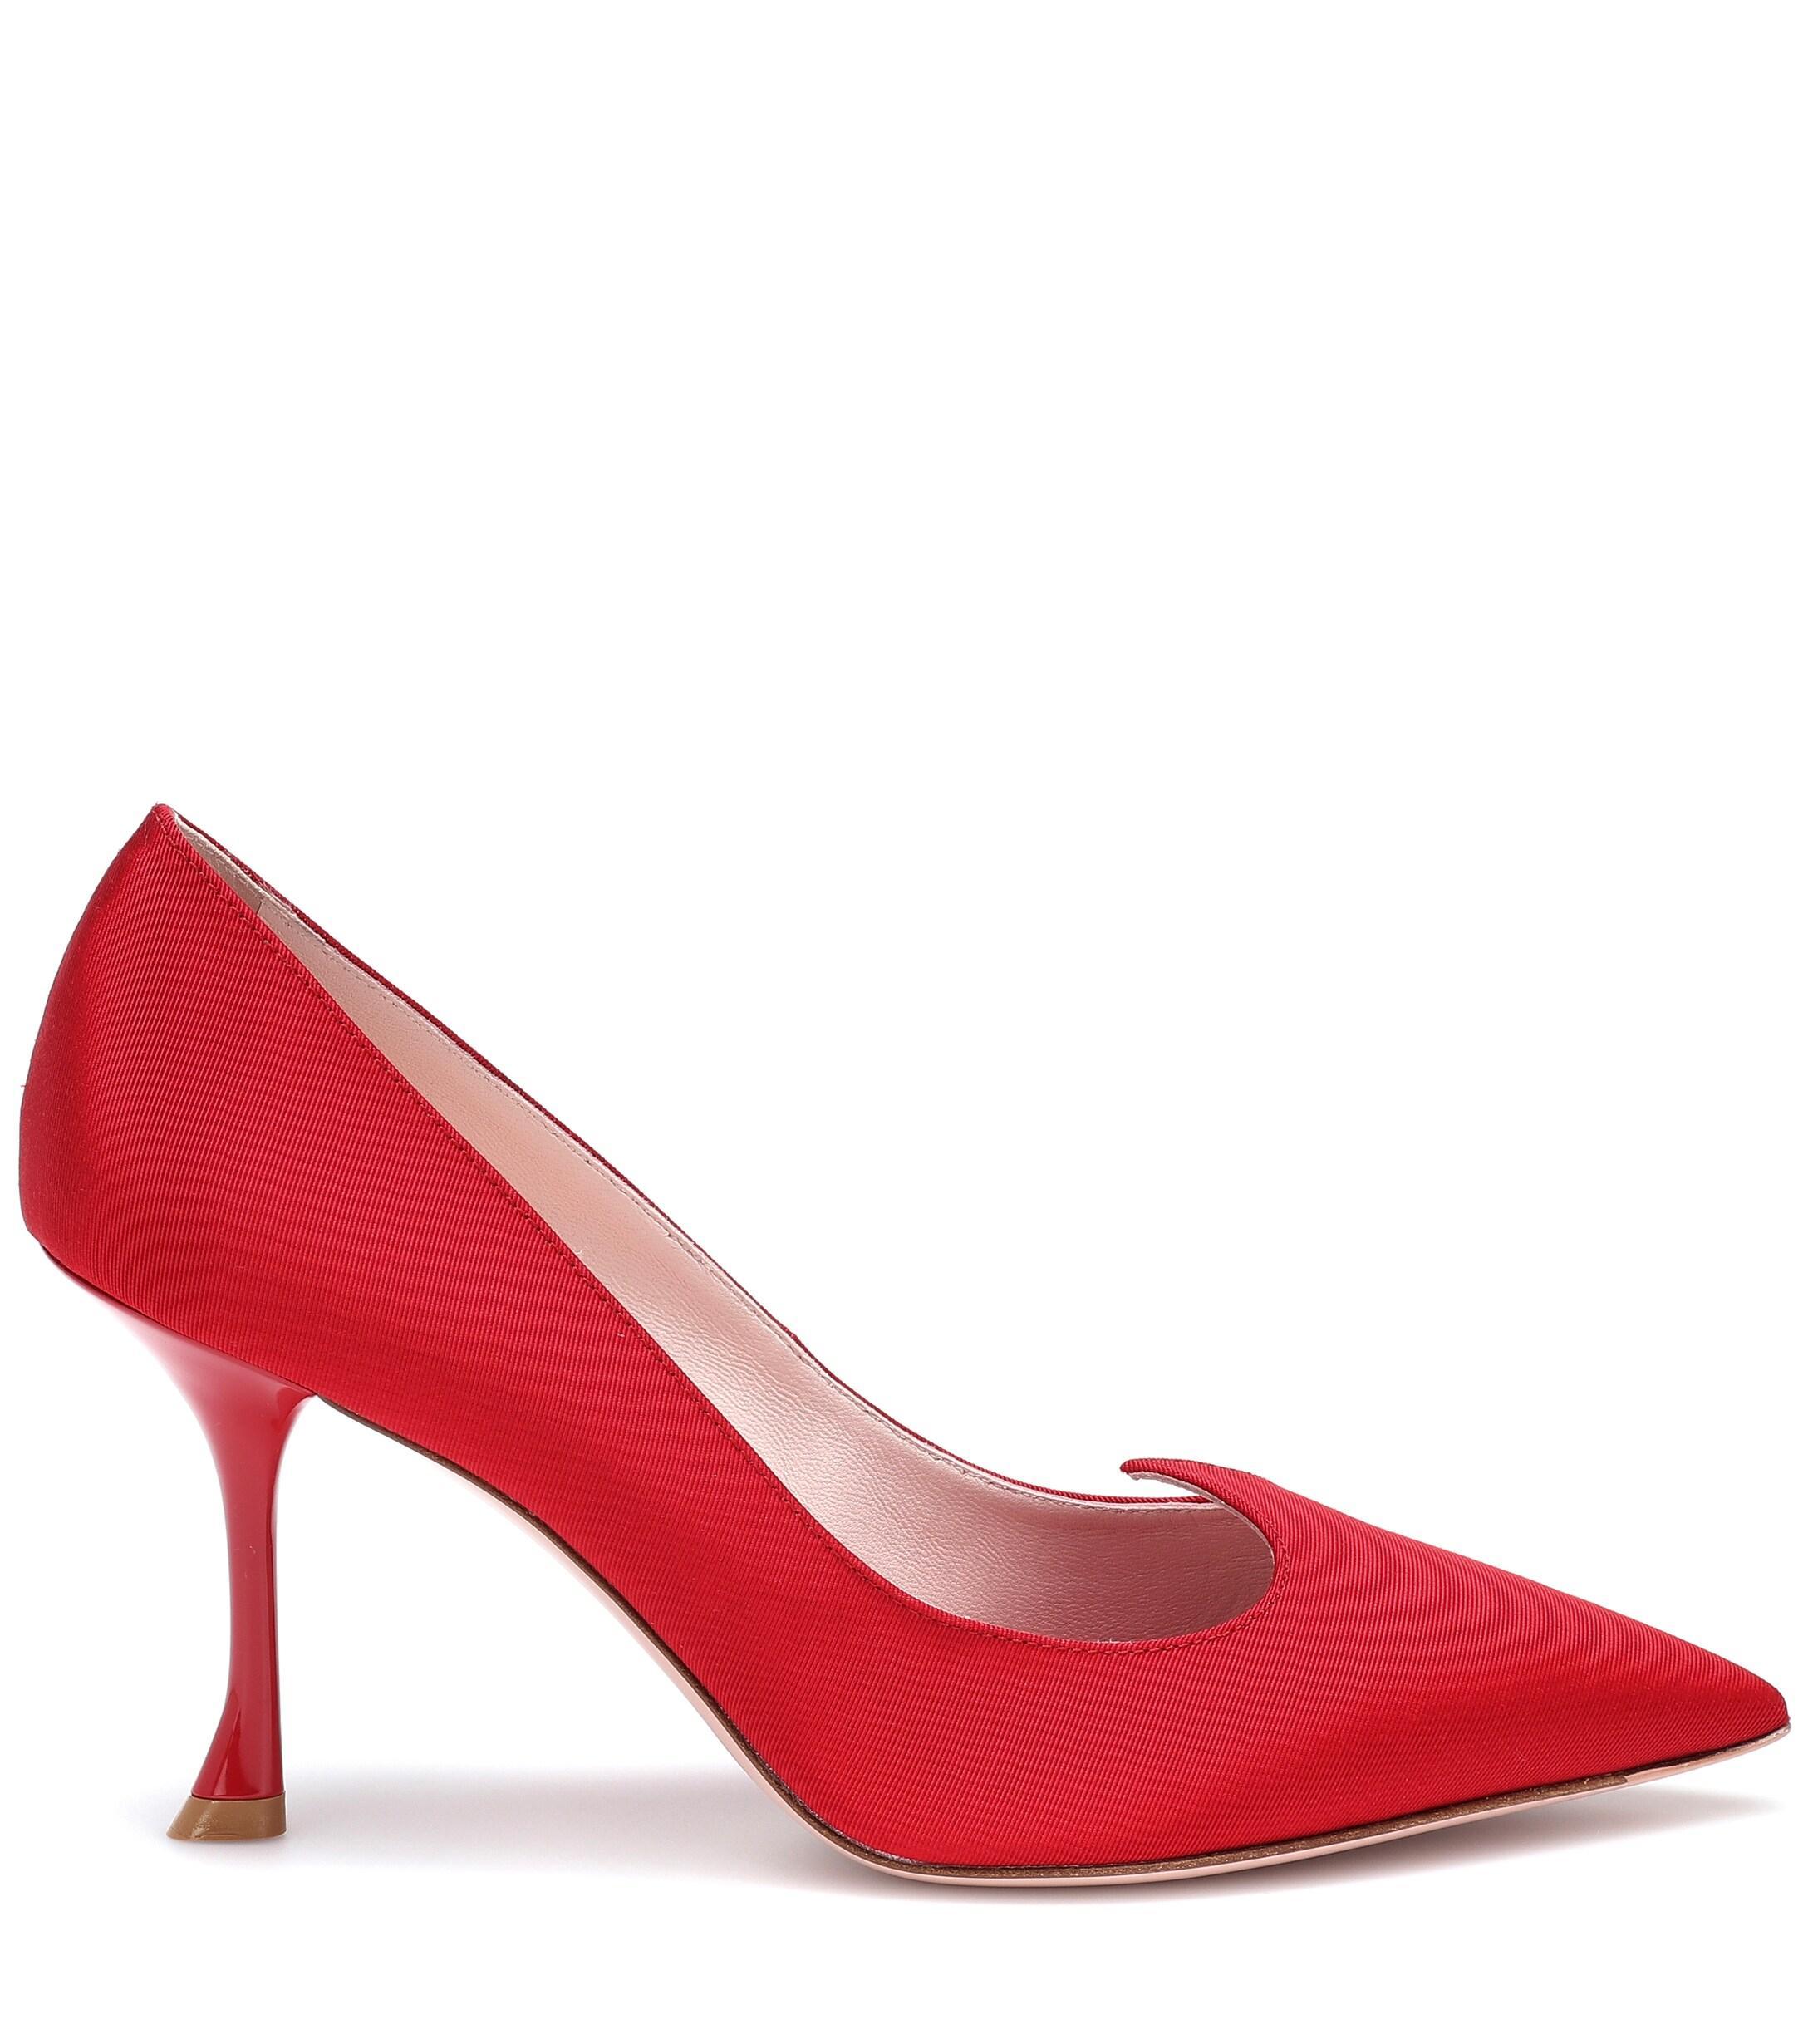 Salones I Love Vivier de satén Roger Vivier de Raso de color Rojo